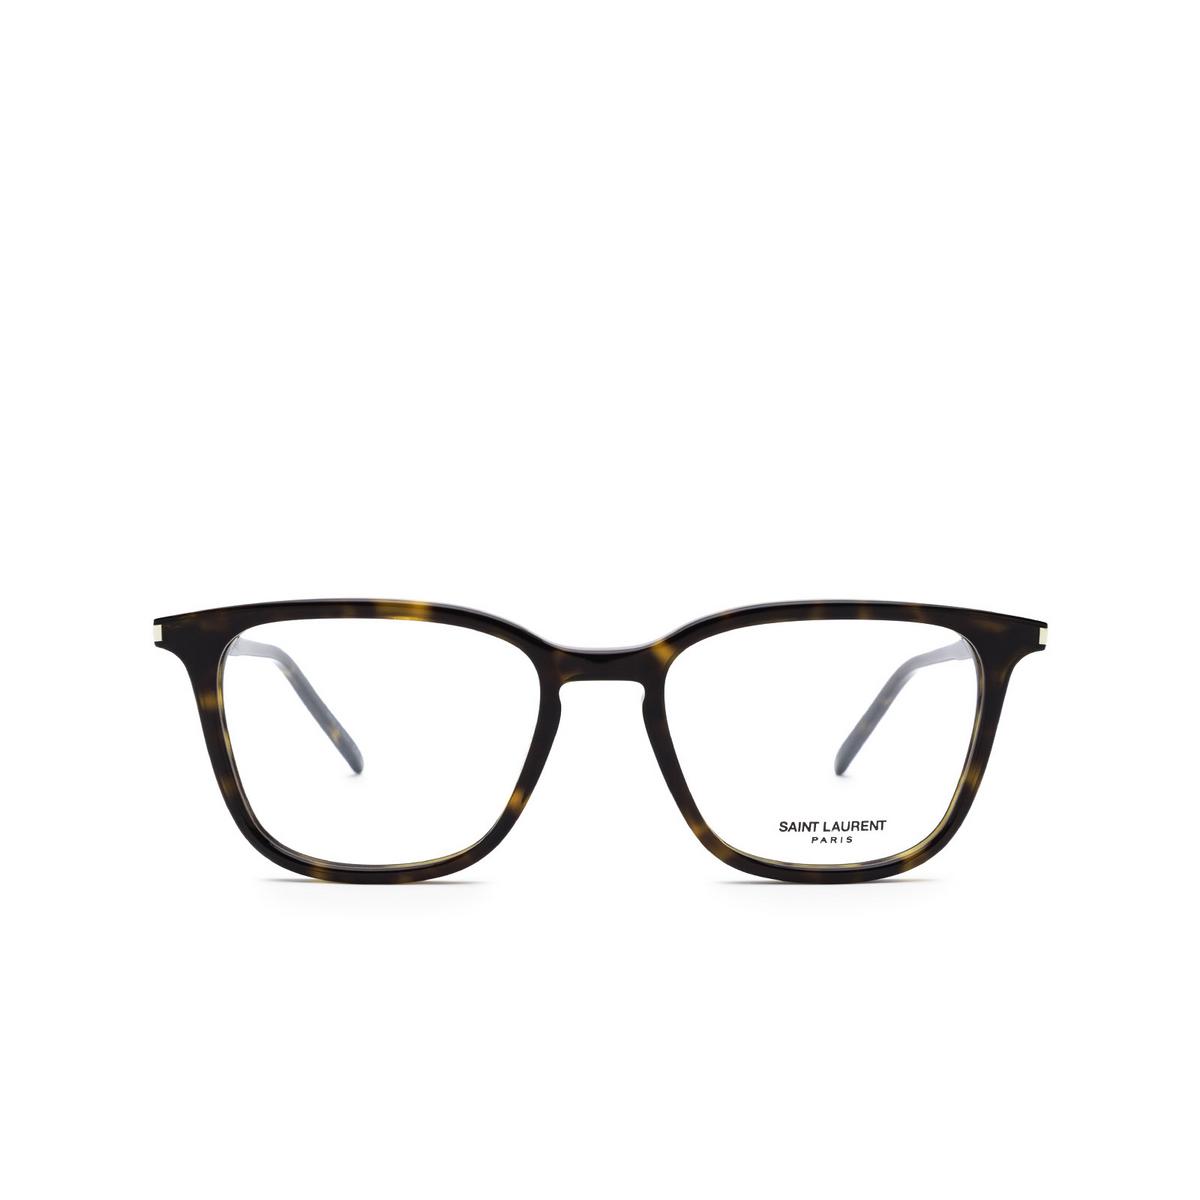 Saint Laurent® Square Eyeglasses: SL 479 color Dark Havana 002 - front view.